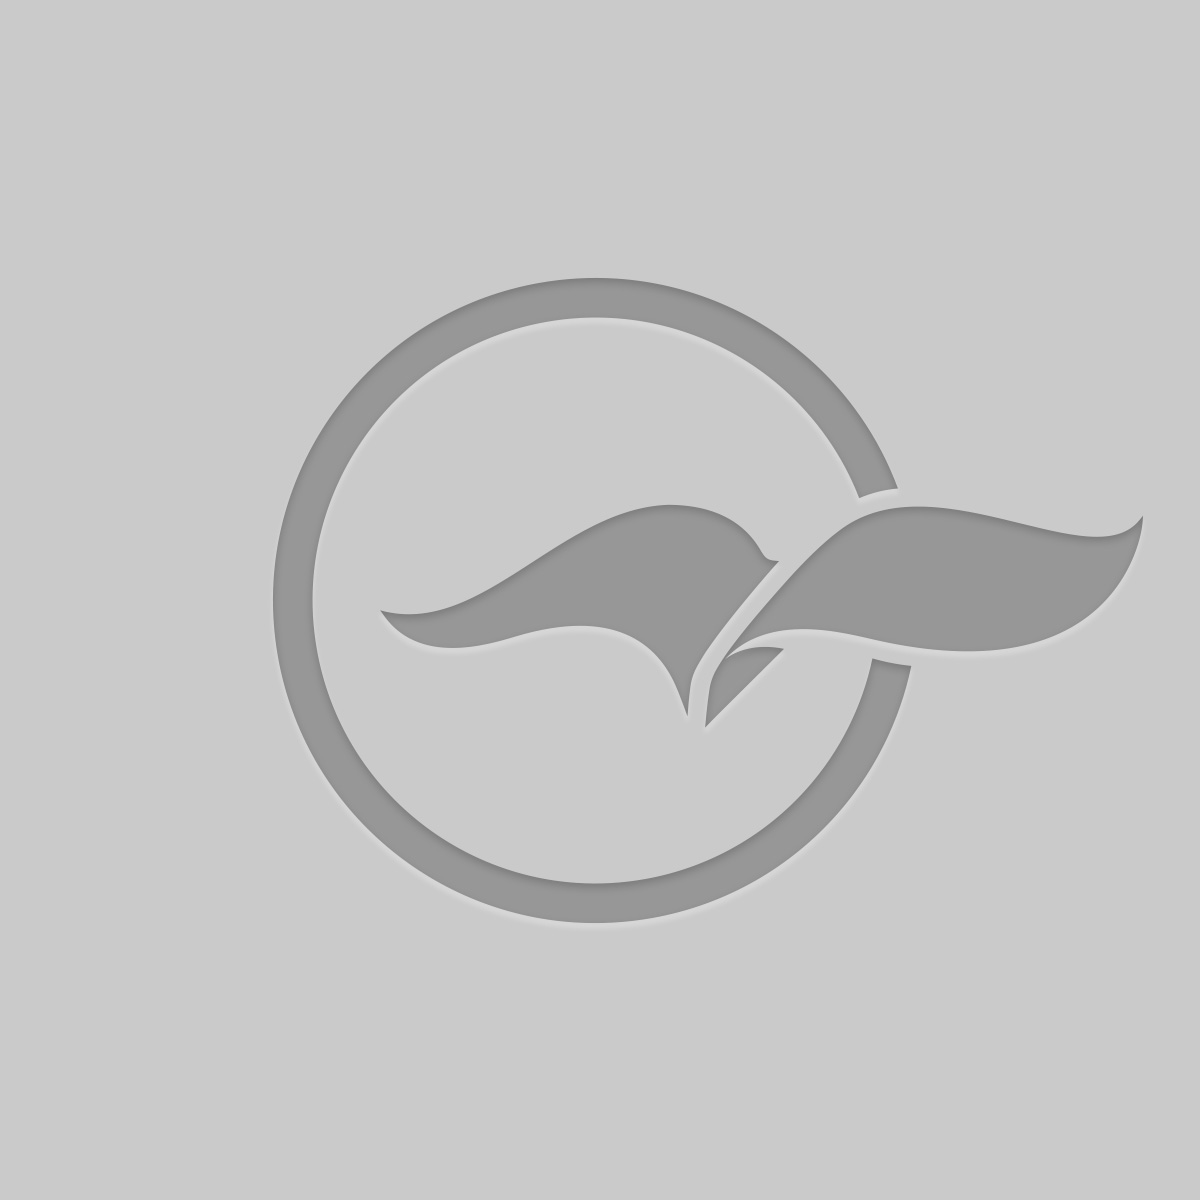 എയർബസ് എ350–1000 ആദ്യമായി അമേരിക്കയിൽ; യാത്രക്കാർ ബയേൺ മ്യൂണിക്ക് ക്ലബ് അംഗങ്ങൾ